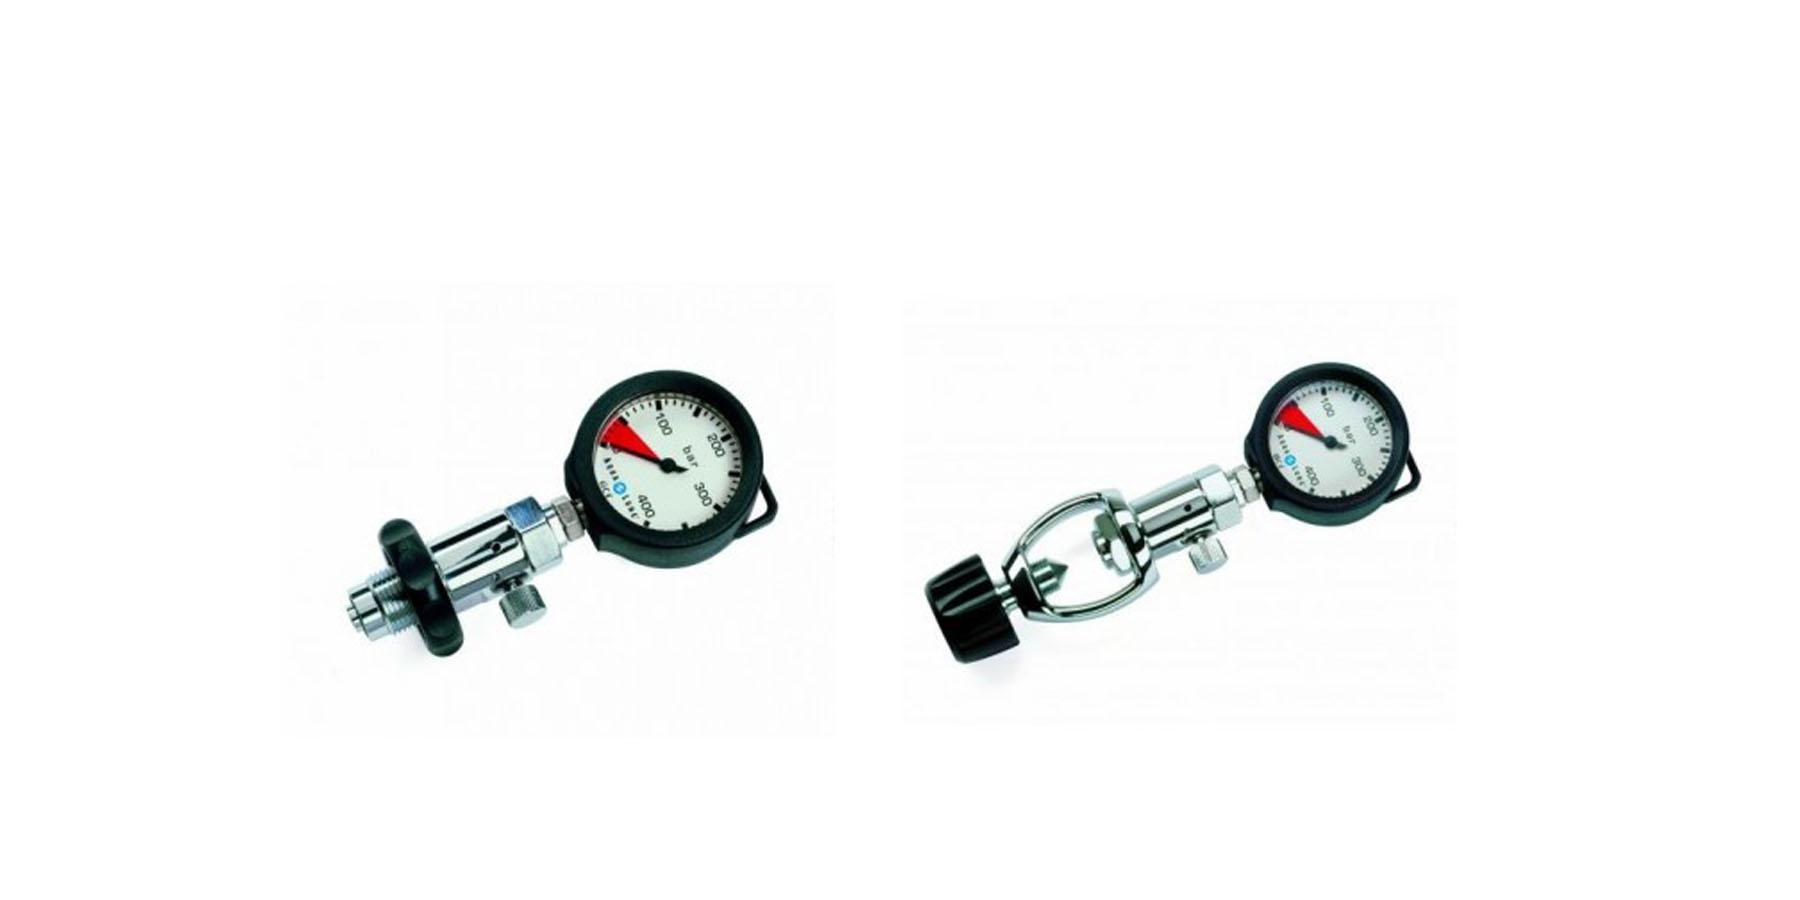 manometre surface - Un manomètre de contrôle surface